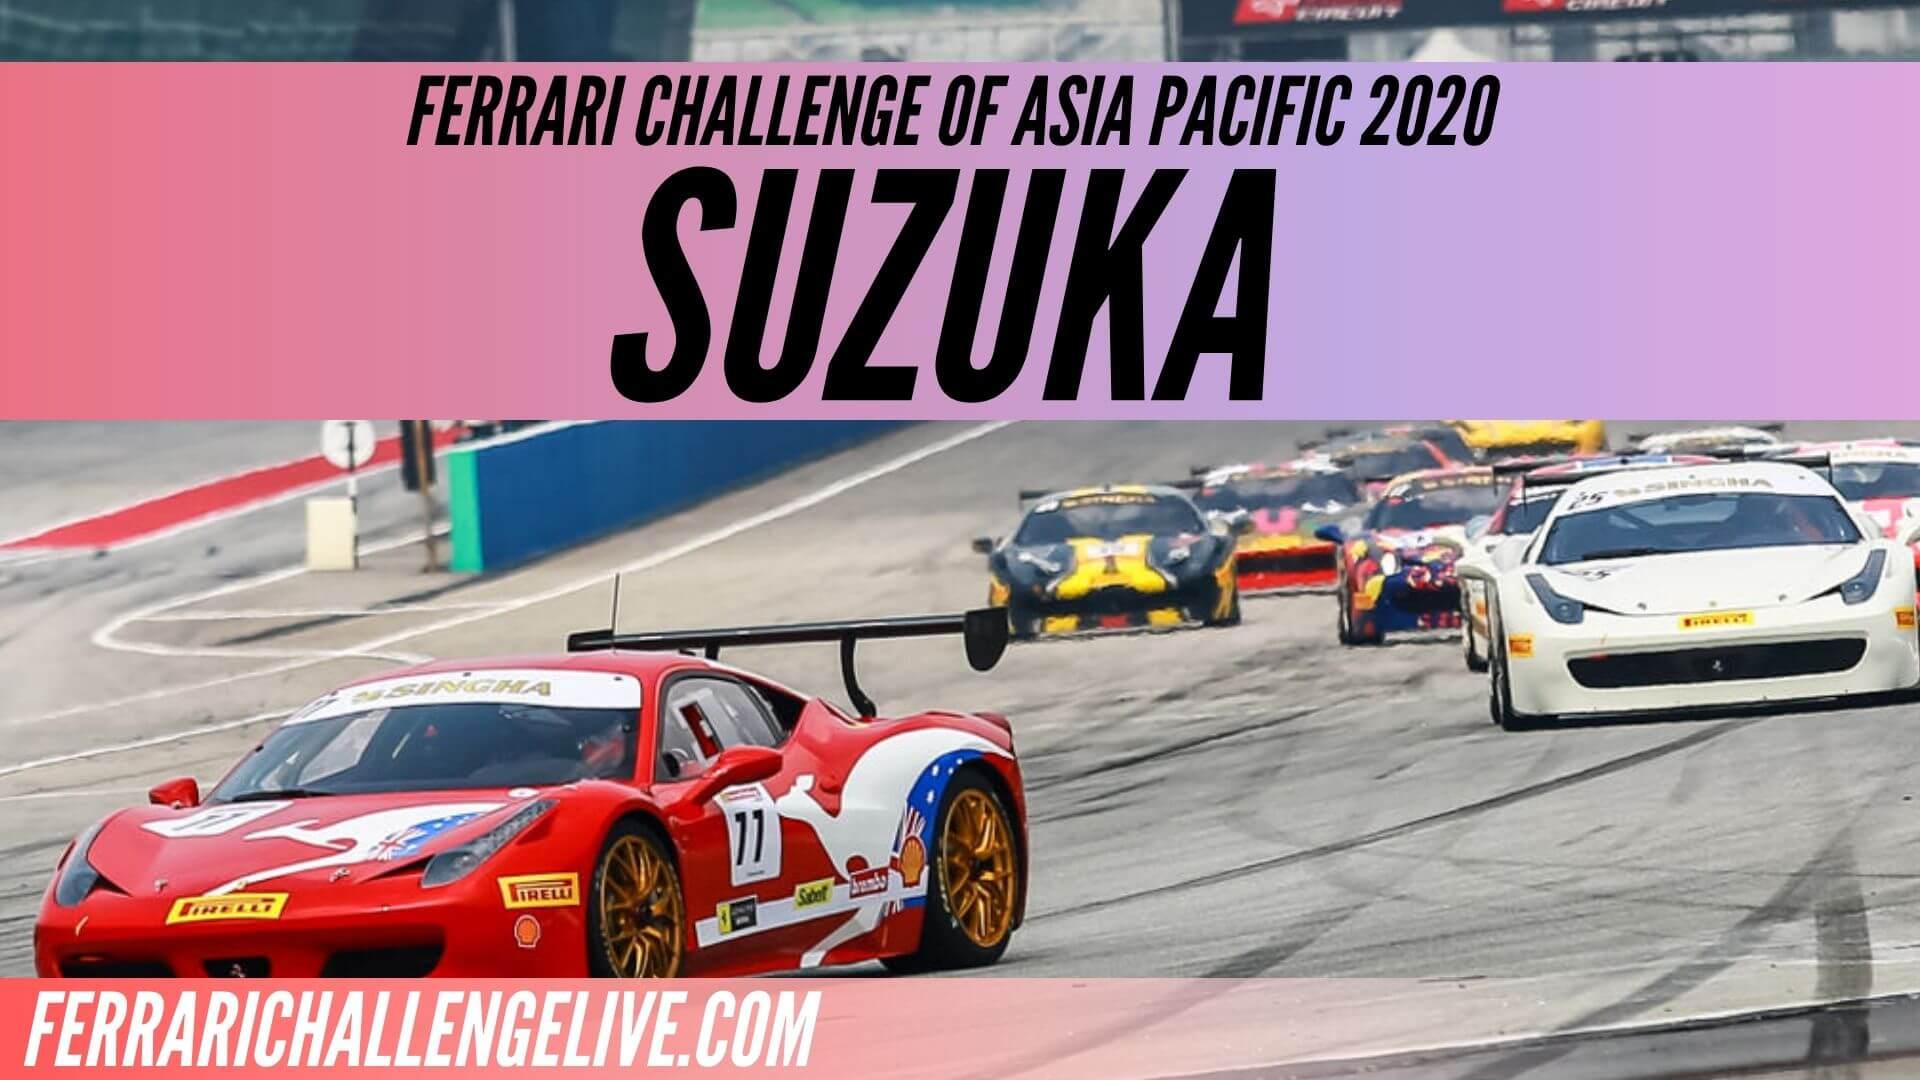 Suzuka Live Stream 2020 | Ferrari Challenge Asia Pacific